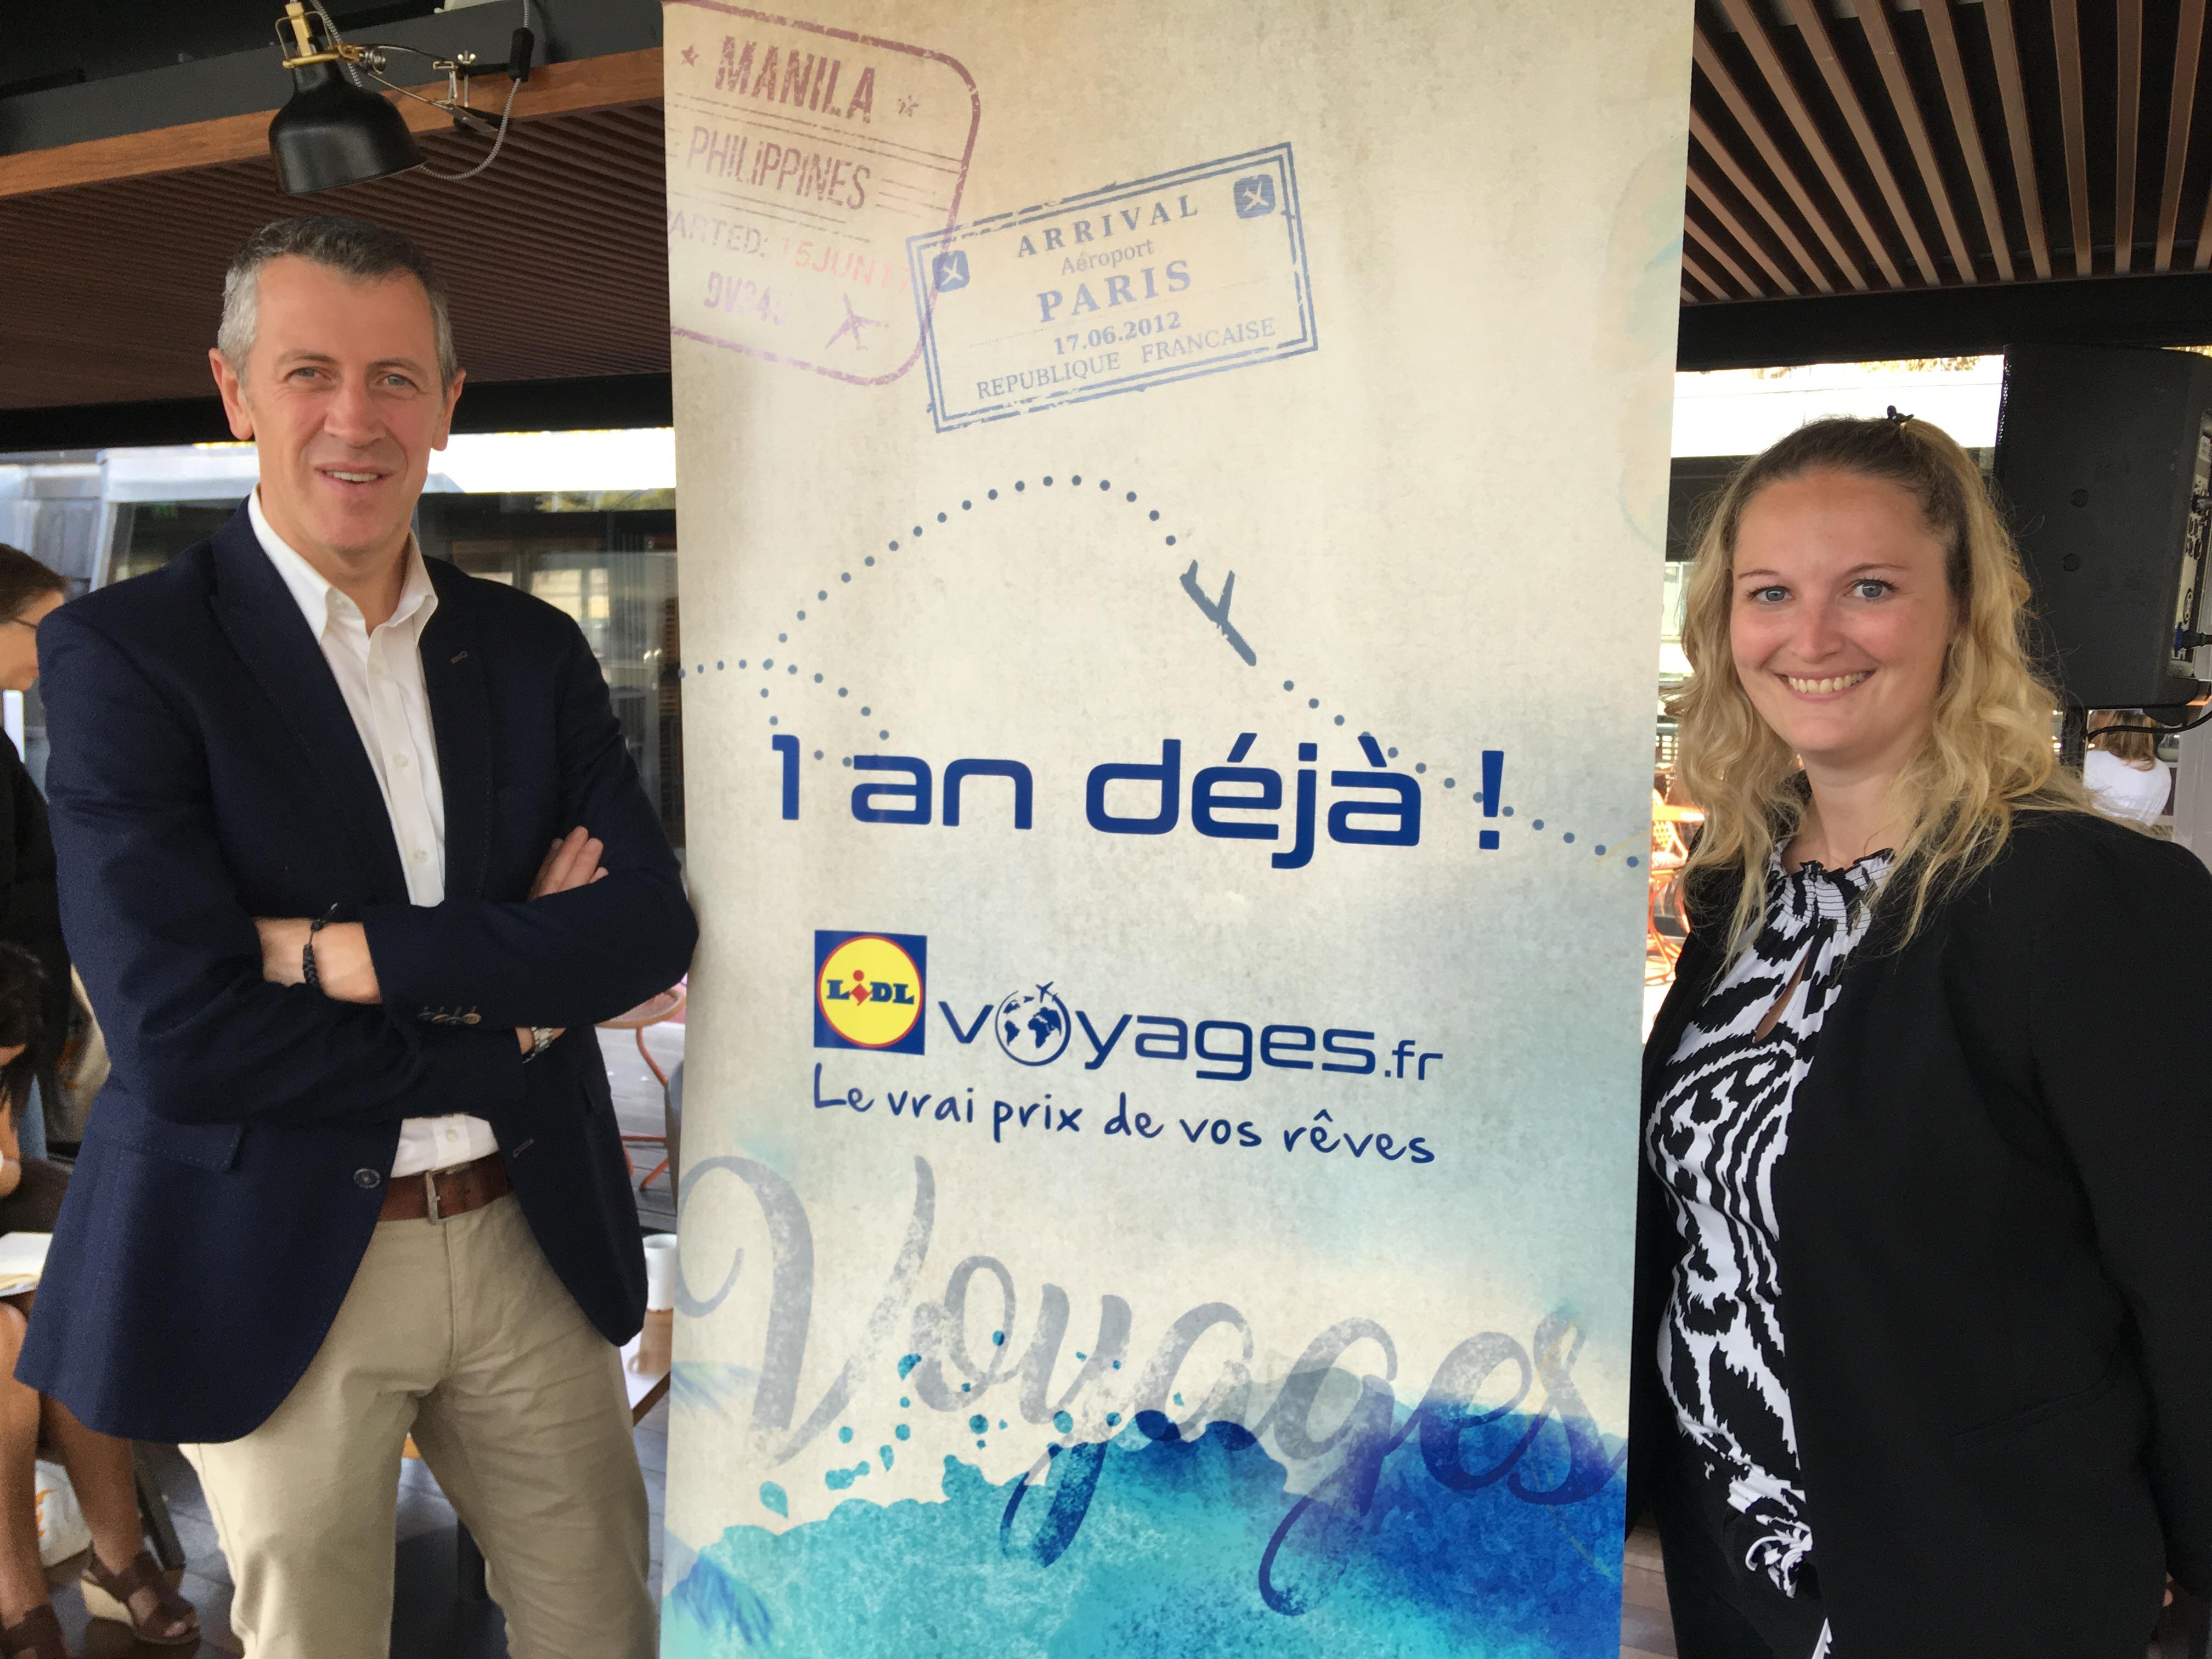 Michel Biero, directeur exécutif achats et marketing et Mélanie Lemarchand, la responsable de Lidl Voyages fête le premier anniversaire de Lidl Voyages. - CL